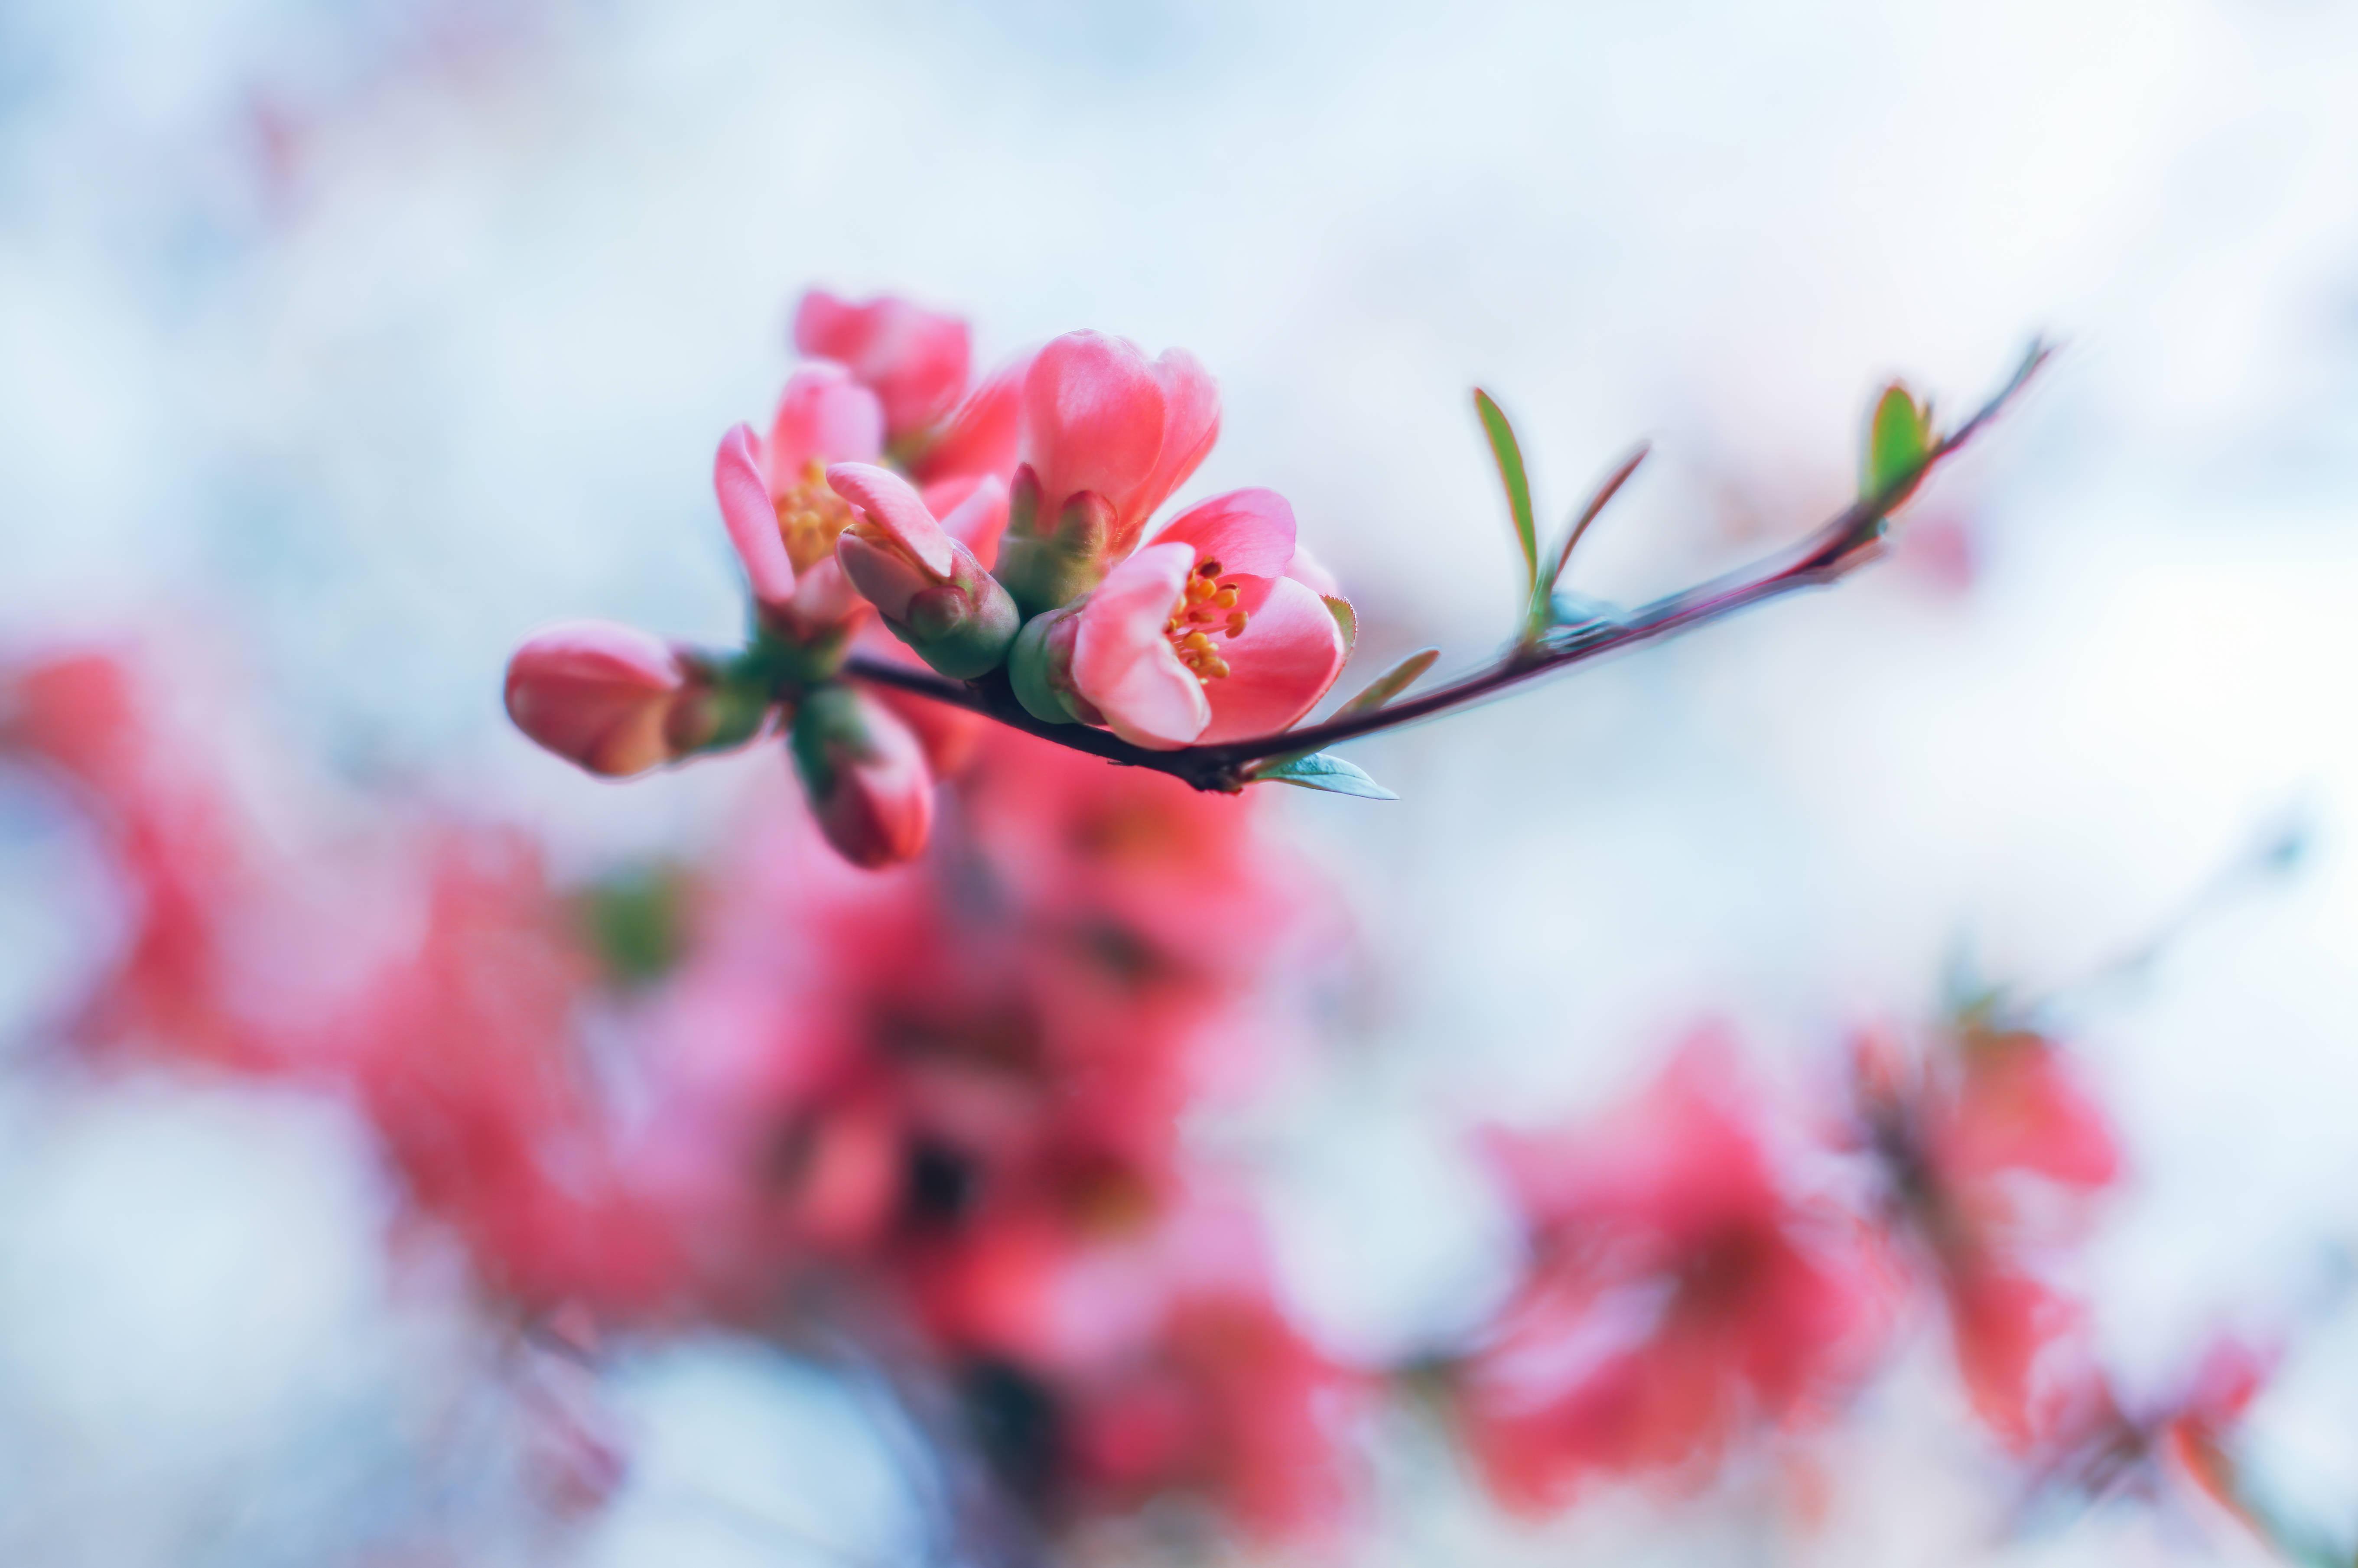 spring blossom 4k 1606577700 - Spring Blossom 4k - Spring Blossom 4k wallpapers